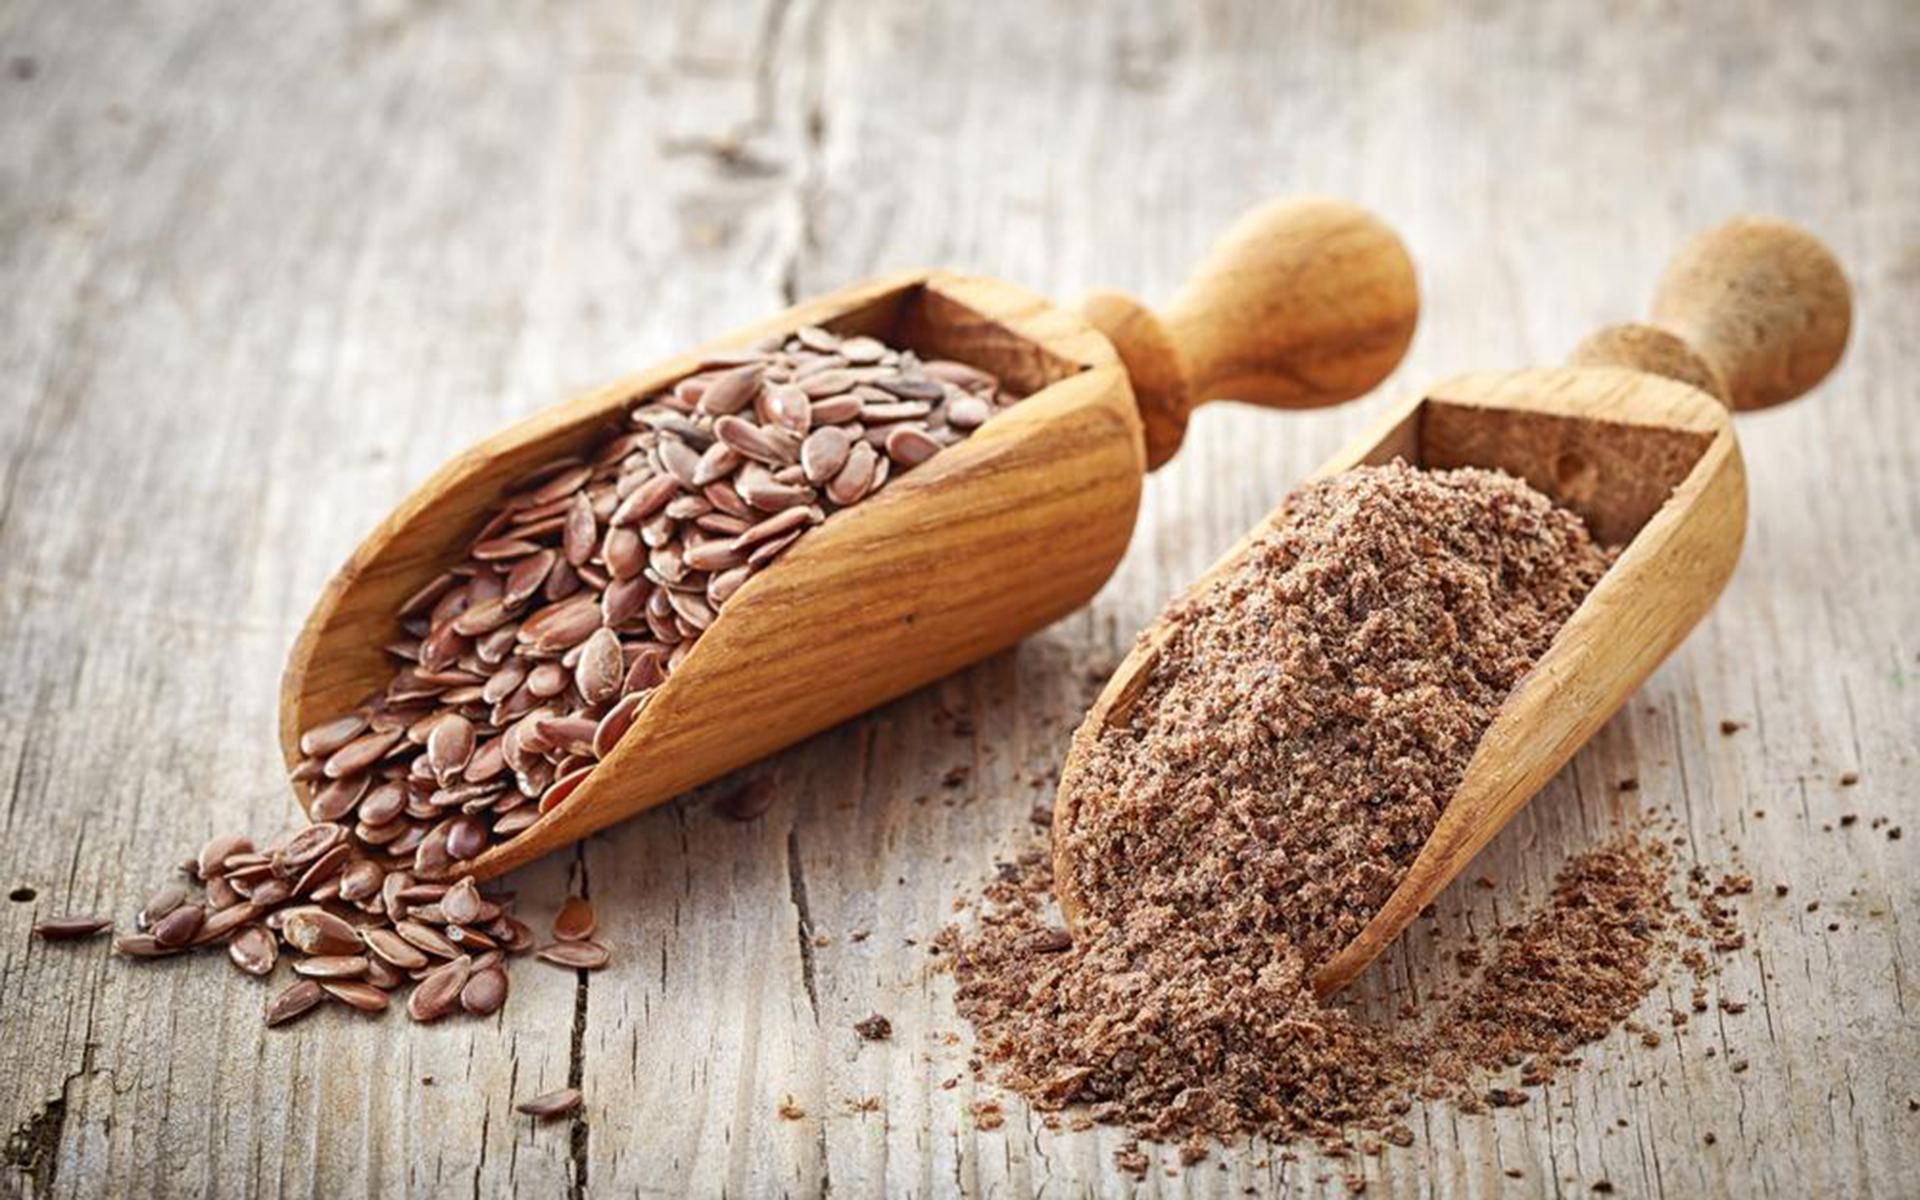 Detoxifiere colon cu faina de in. Reteta de detoxifiere cu miere si seminte de in